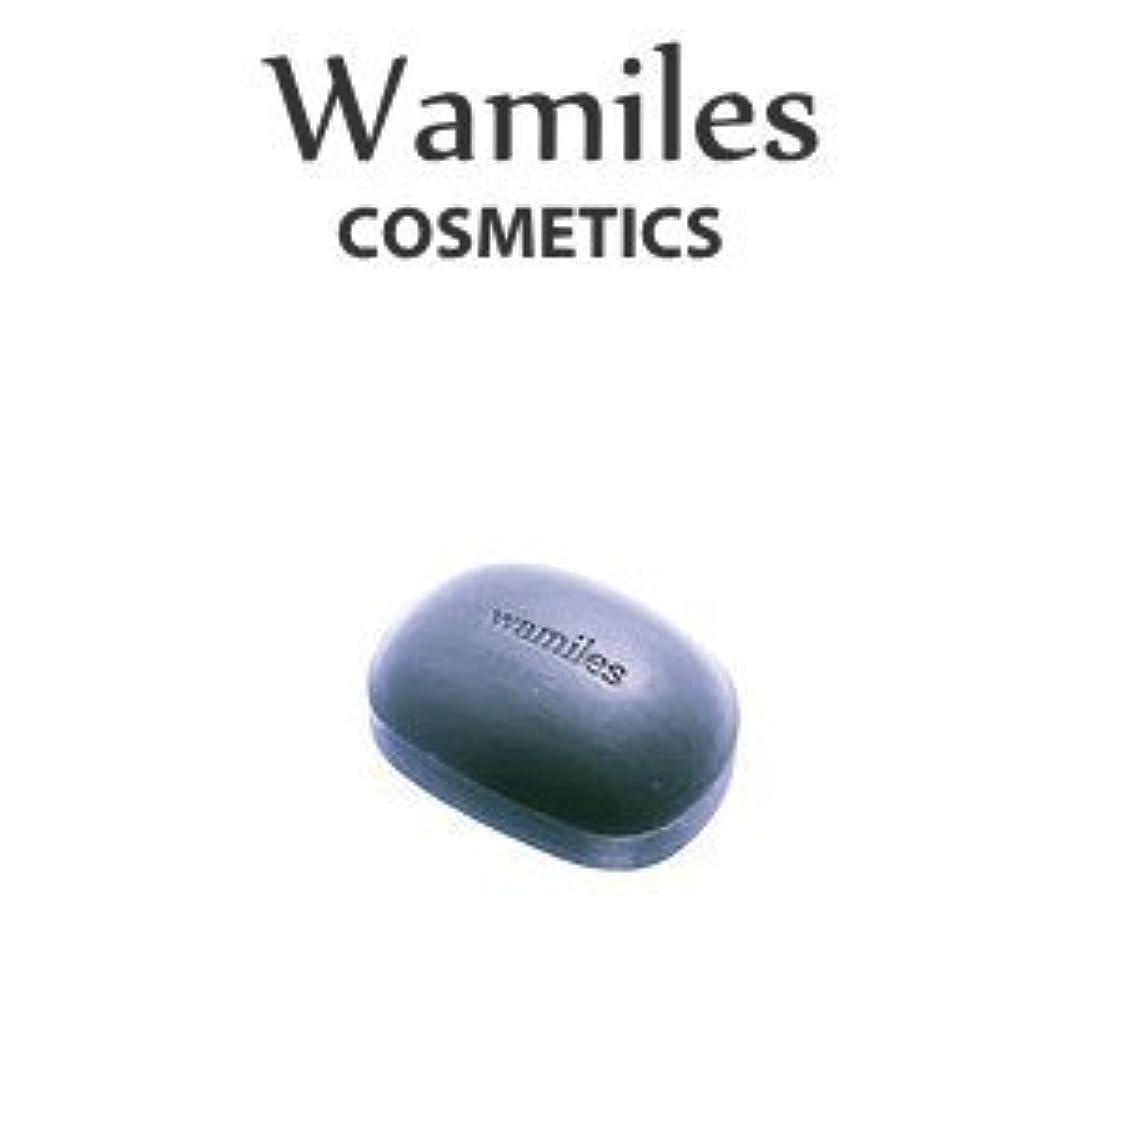 慎重に締め切り医師wamiles/ワミレス ベーシックライン イオンヌ クレイソープ 100g